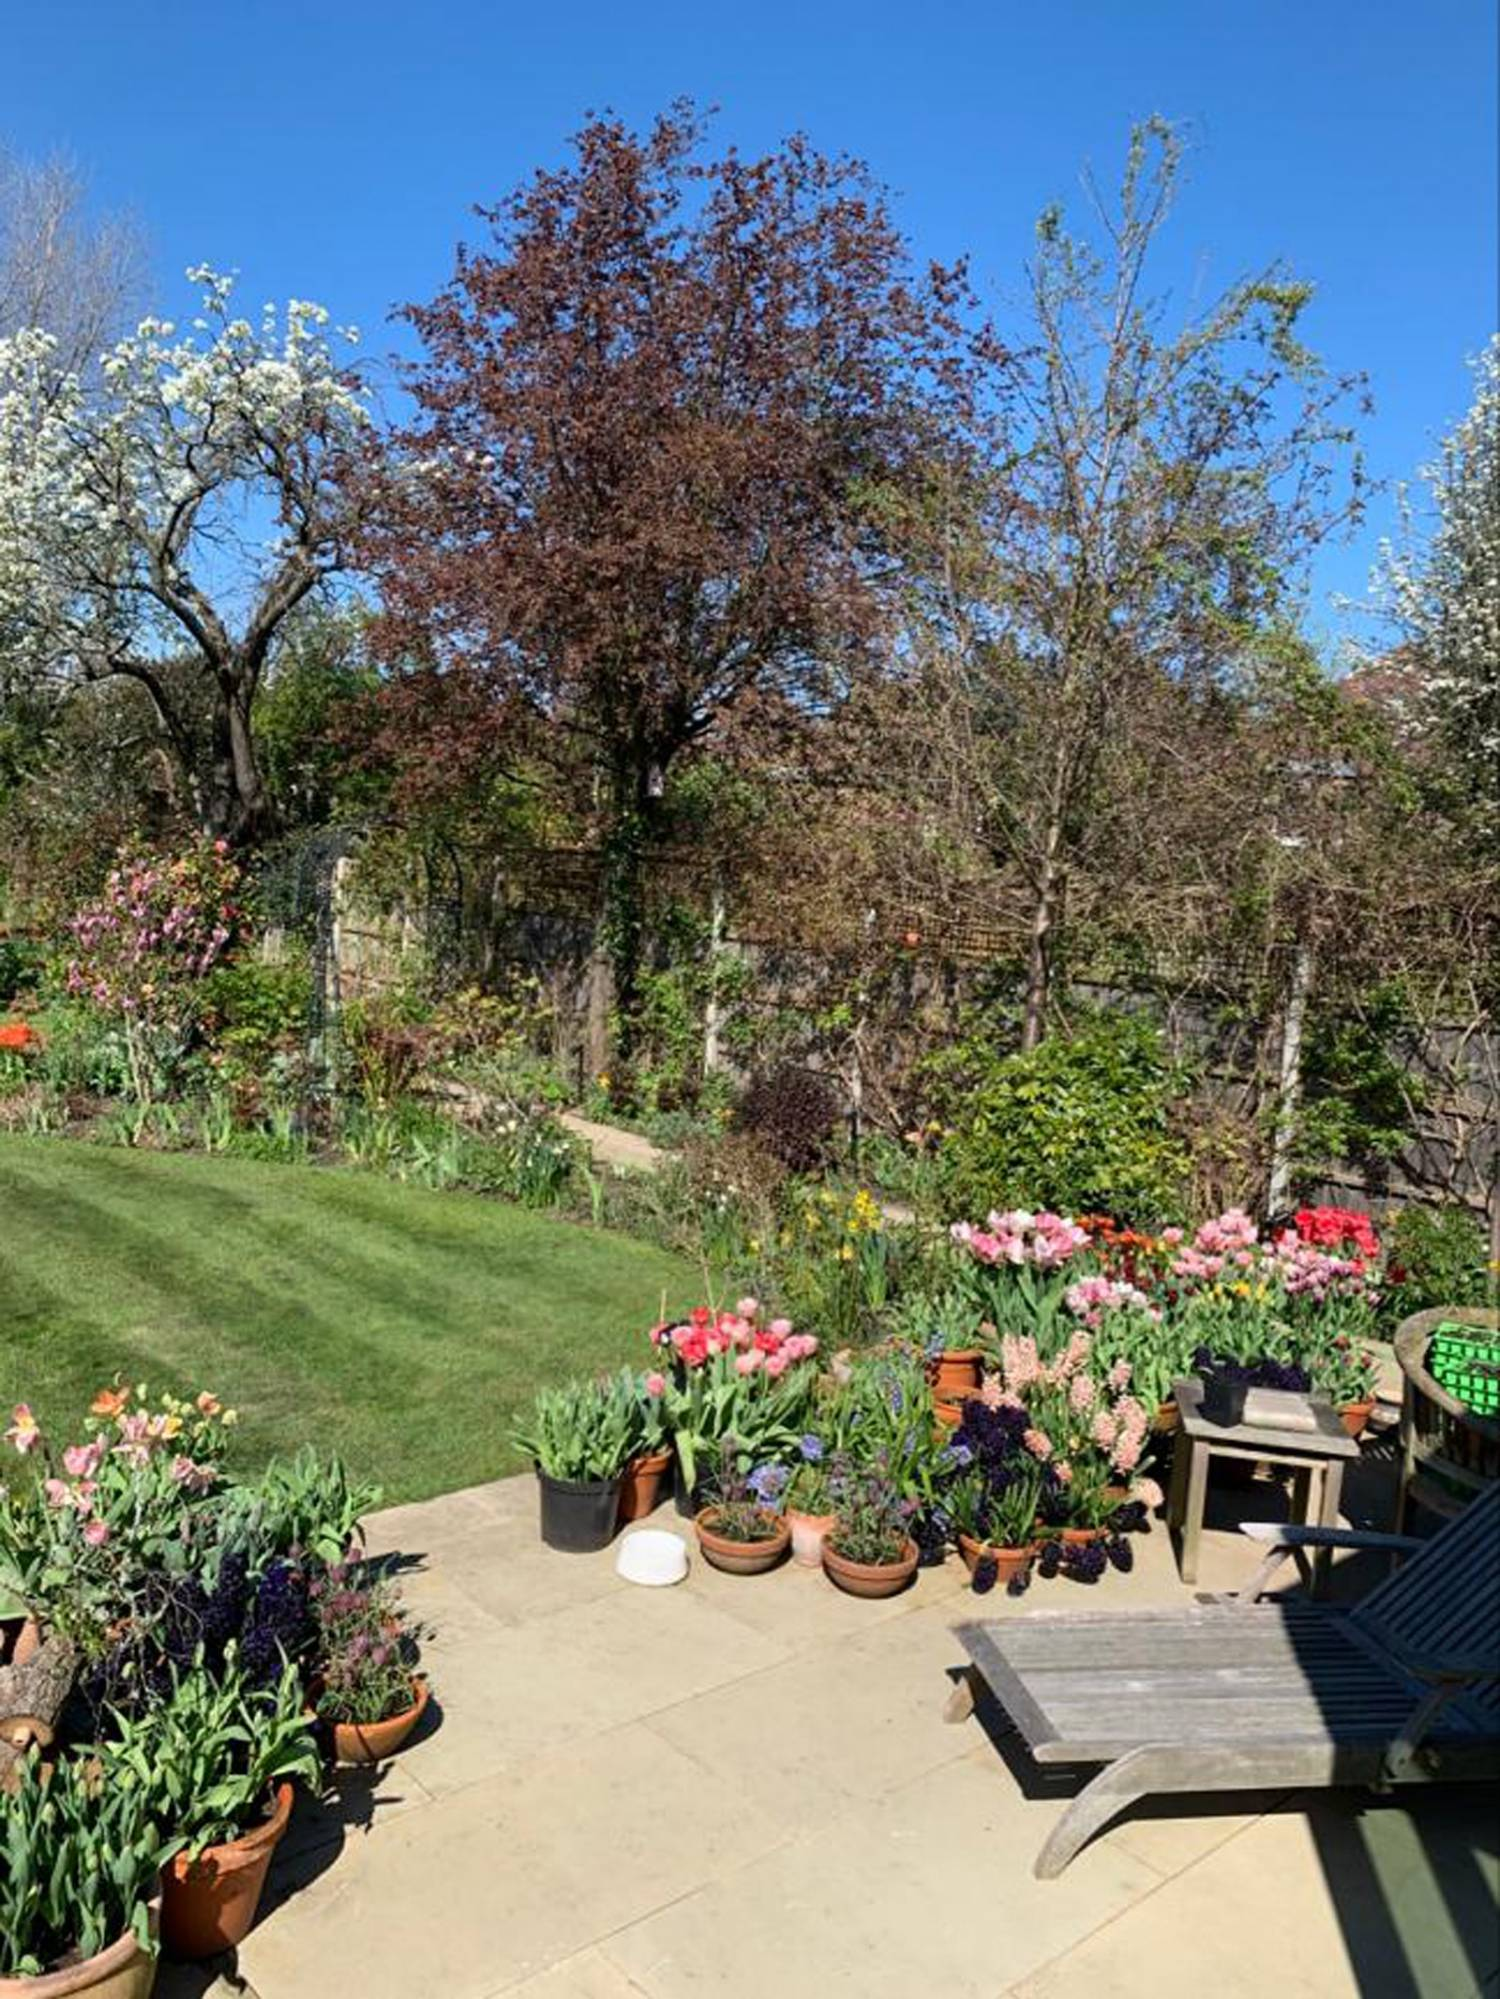 flores de jardin imagenes: Un jardinero inglés pasando la cuarentena 1